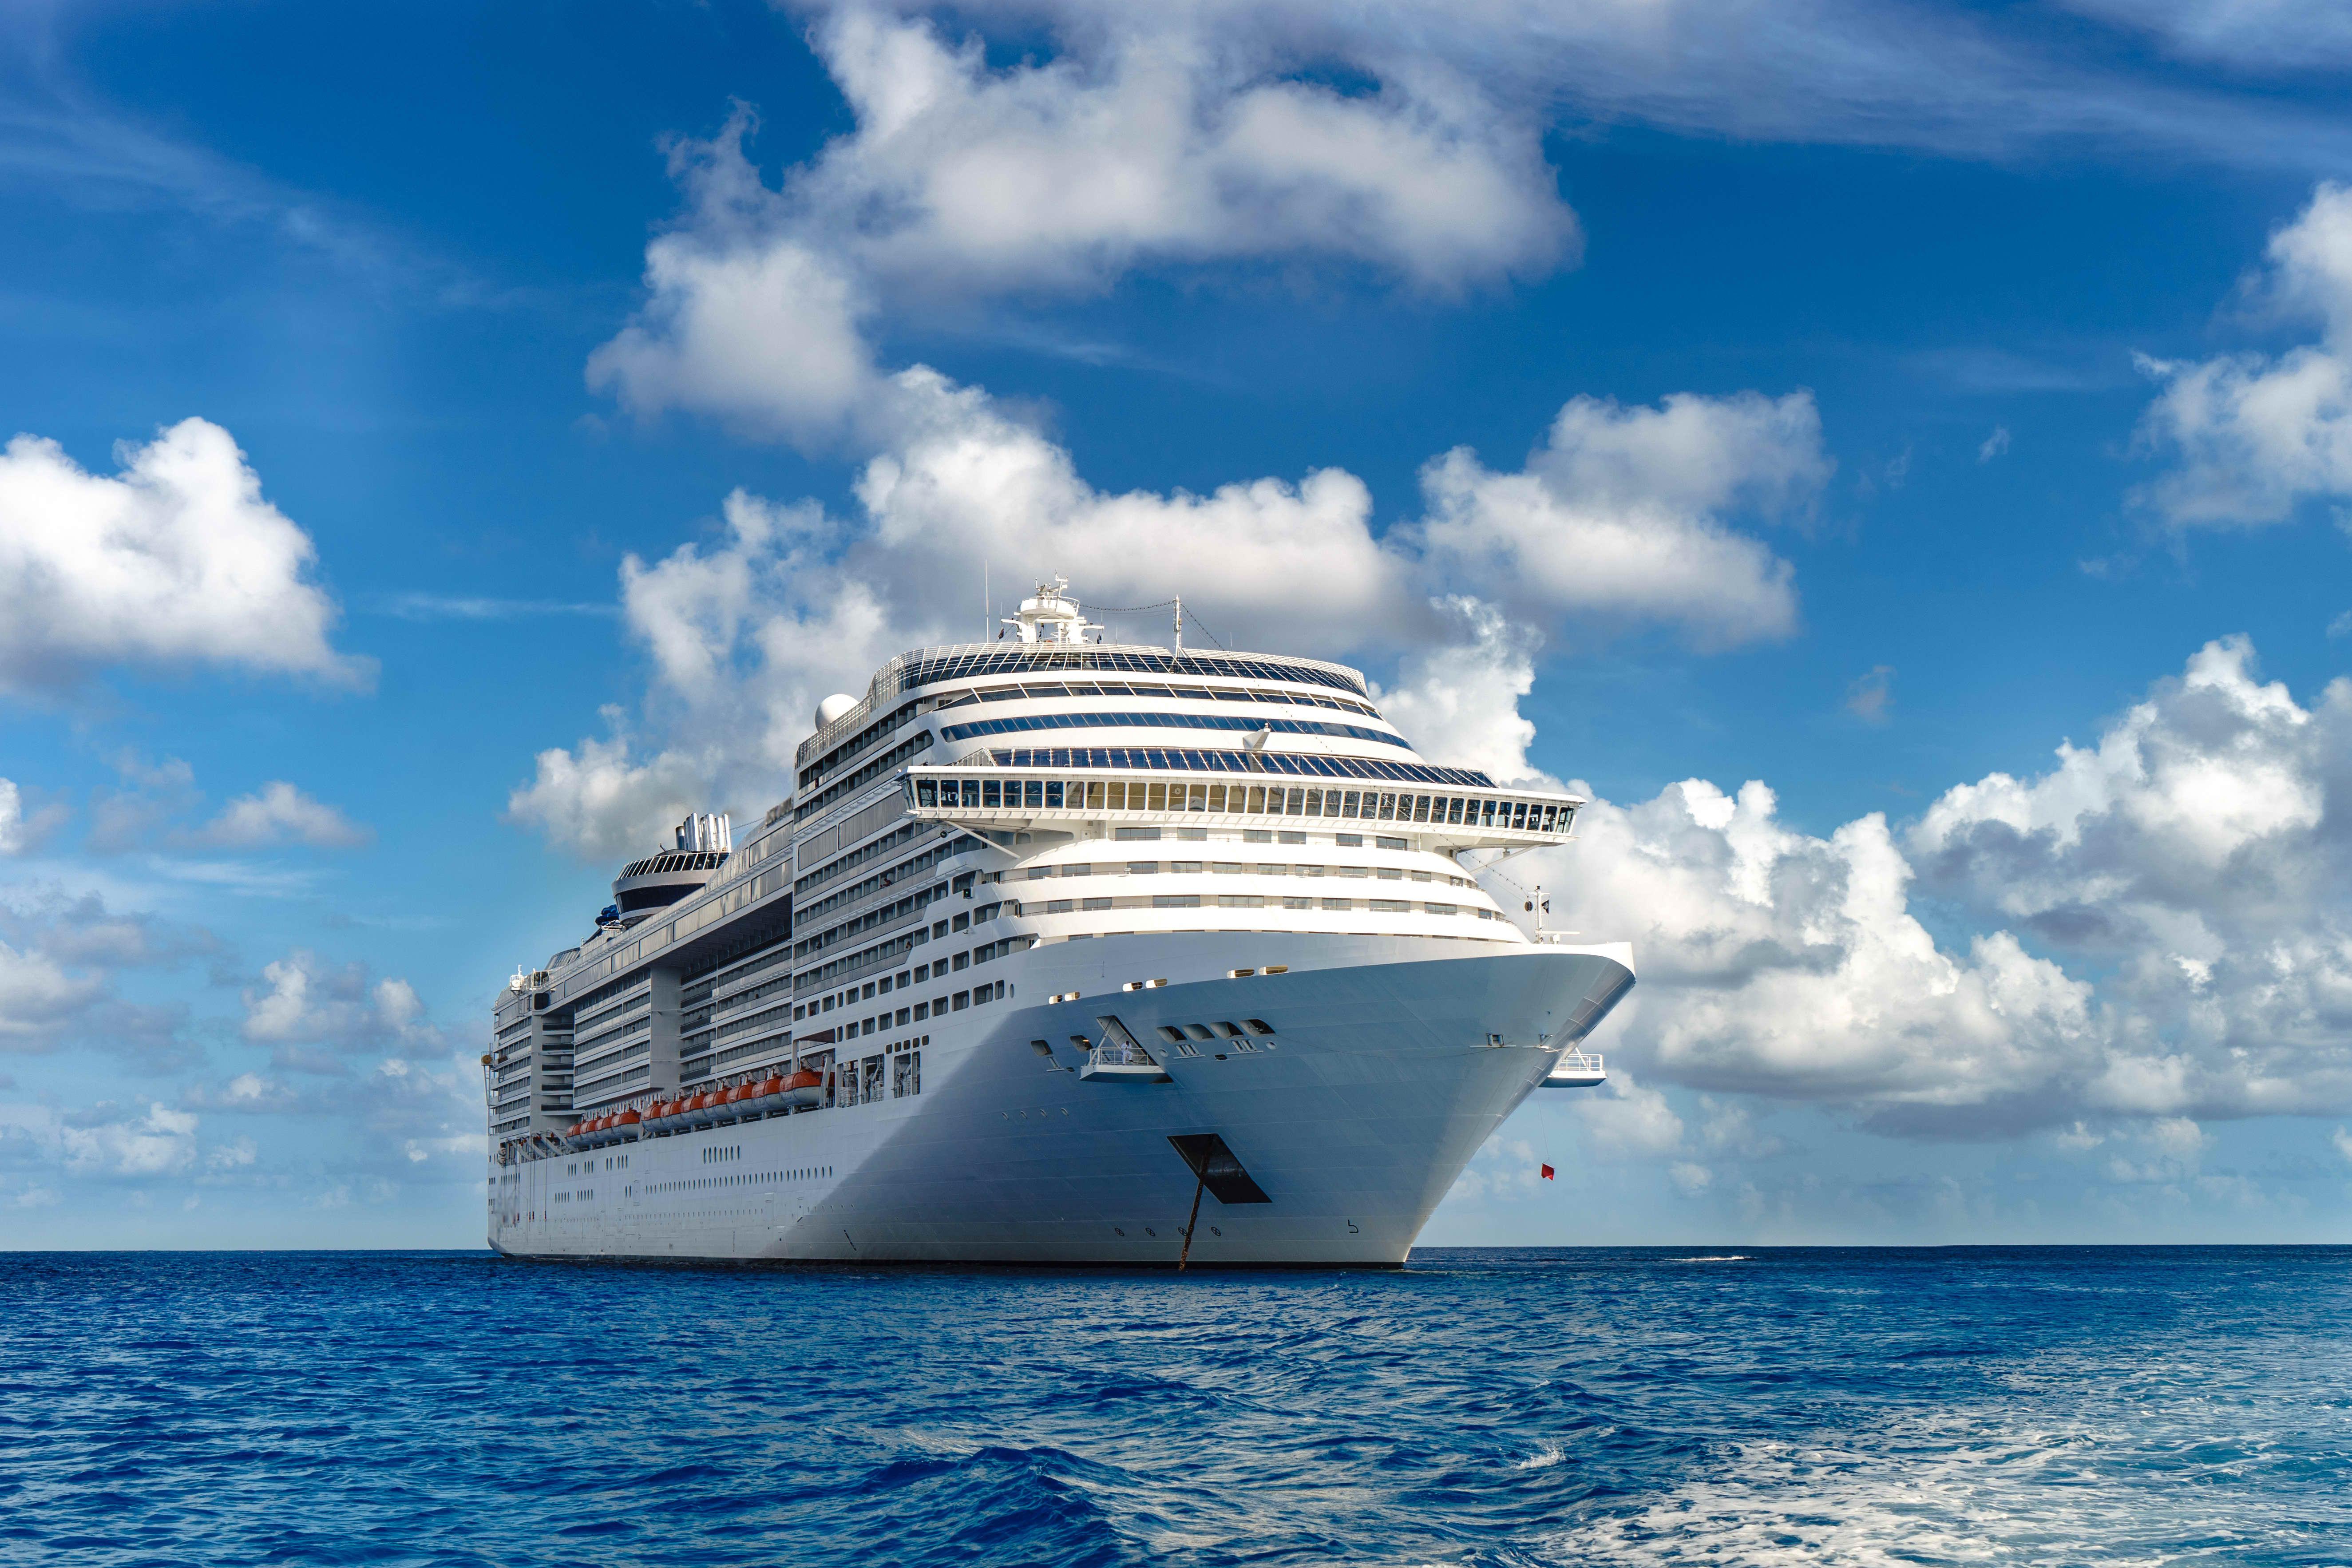 Navy Tour Cruise